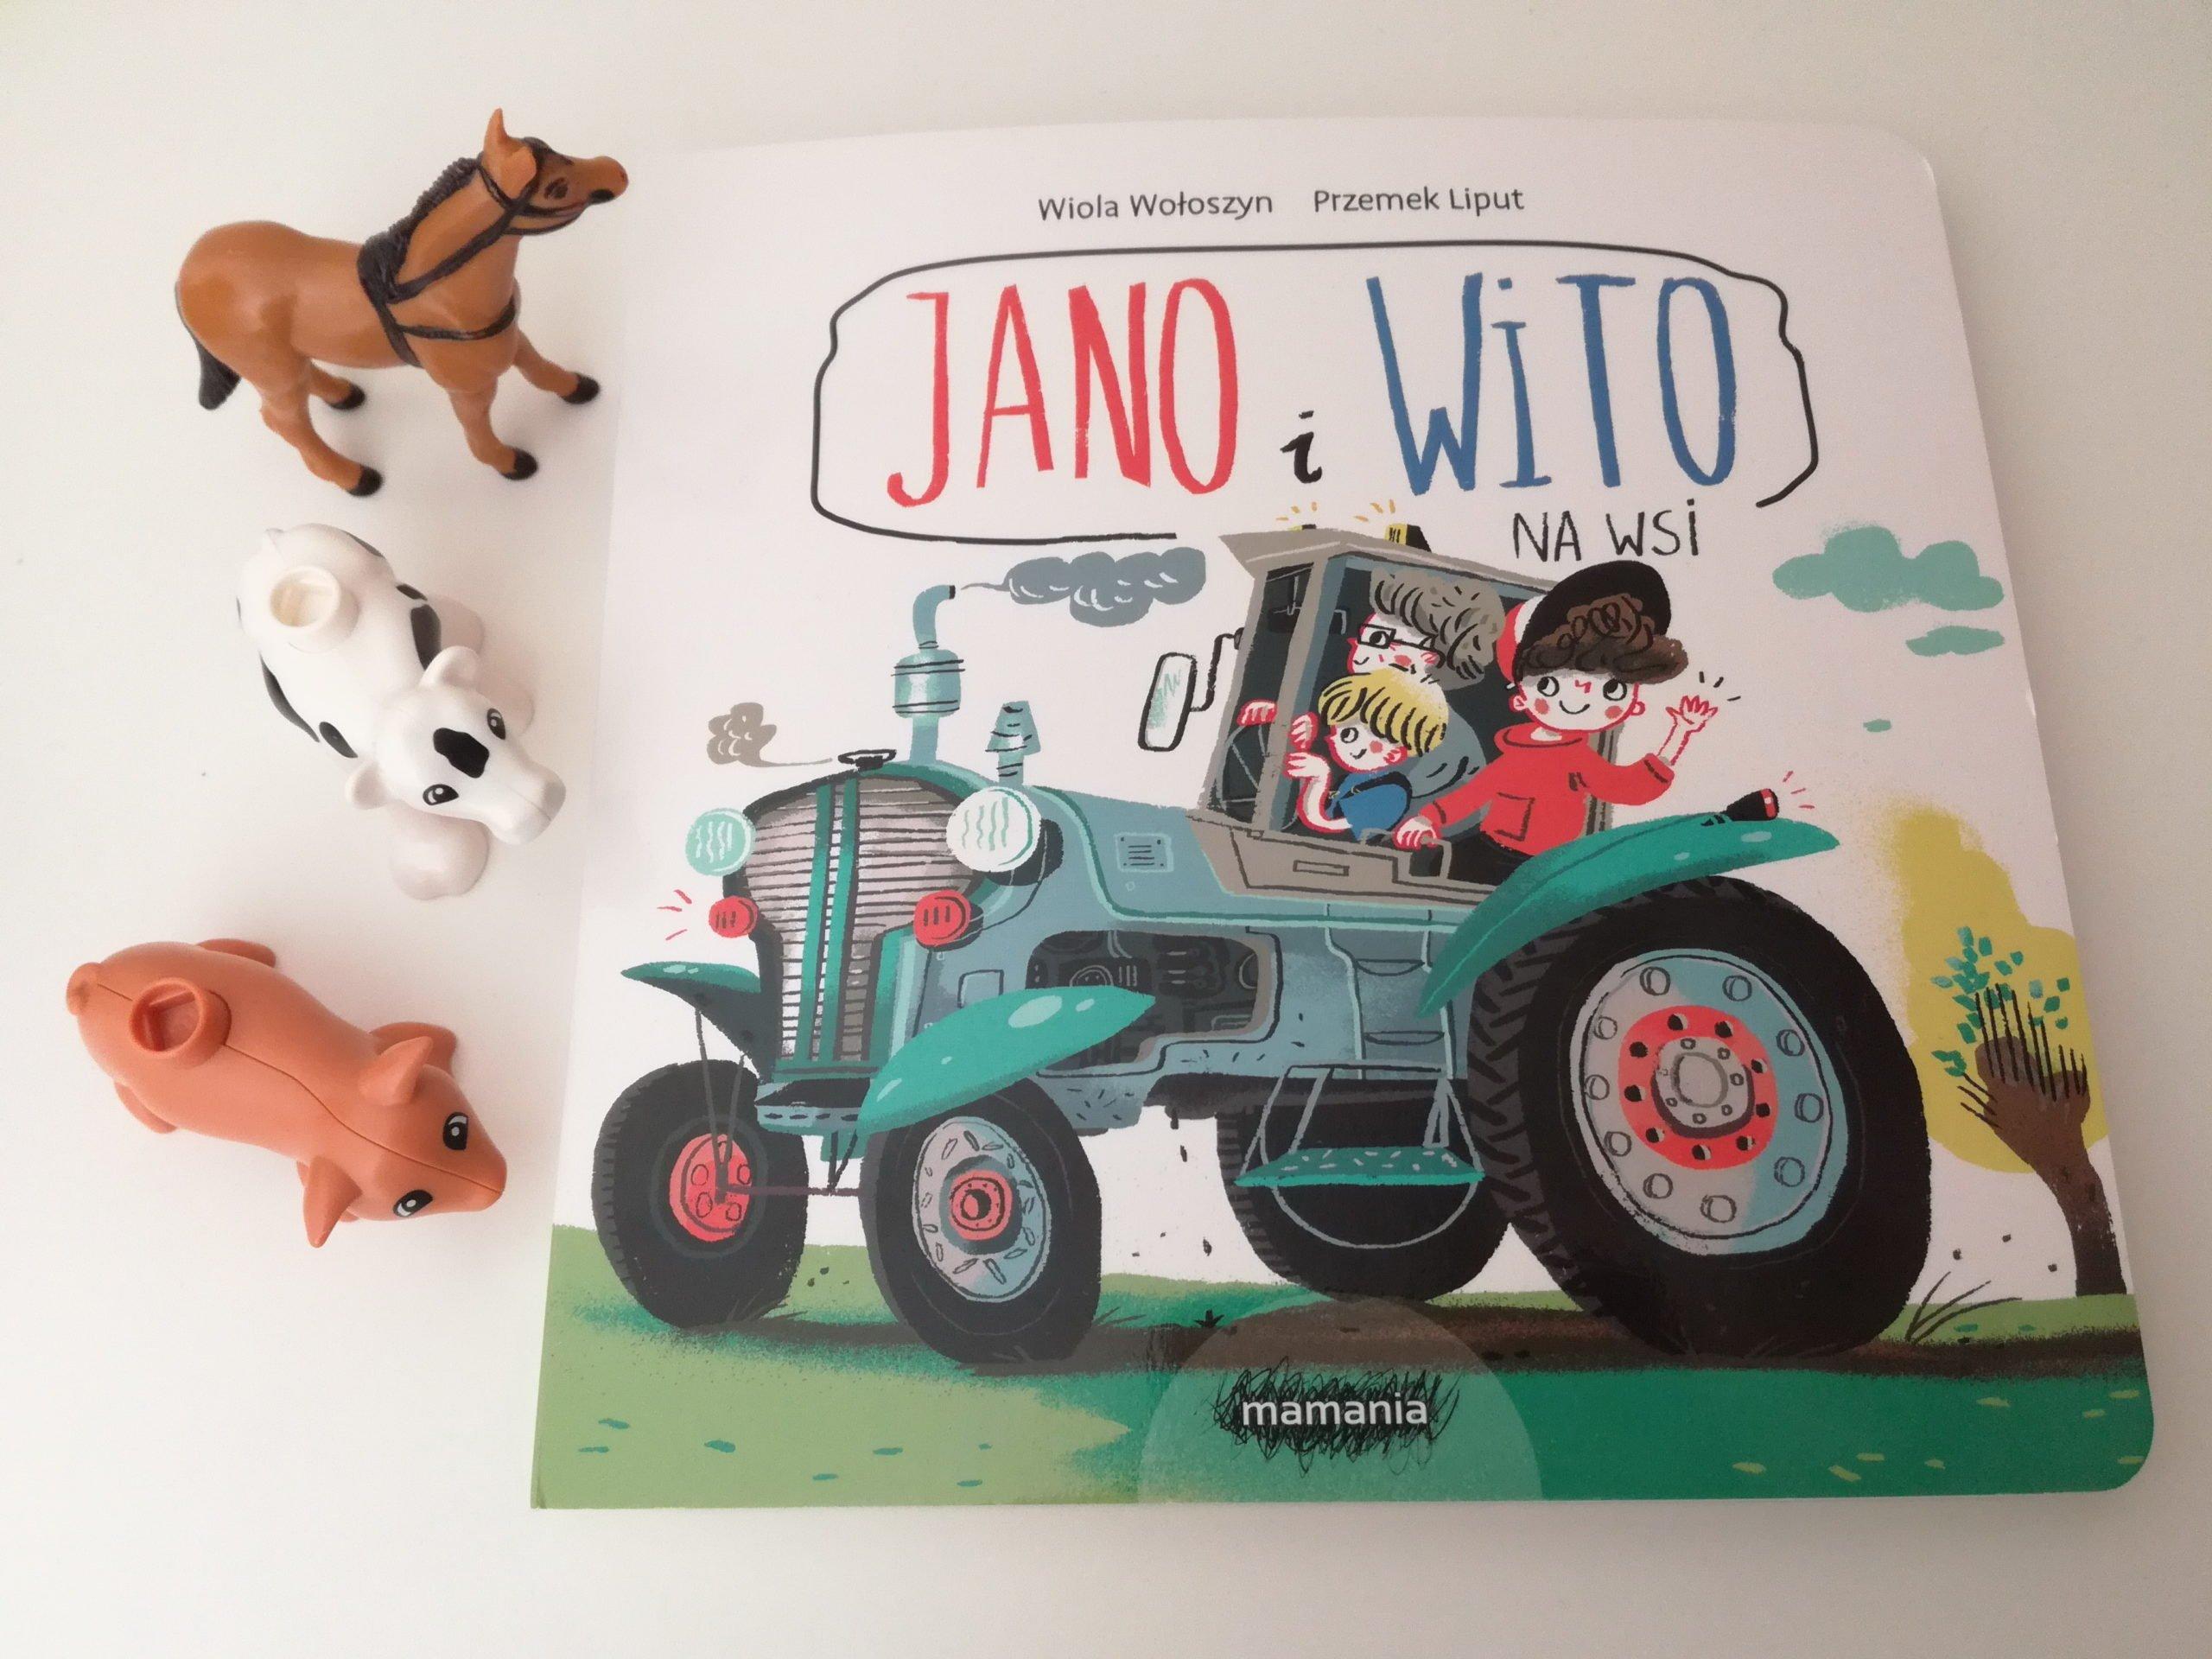 Jano i Wito. Na wsi opinie o książce dla dzieci